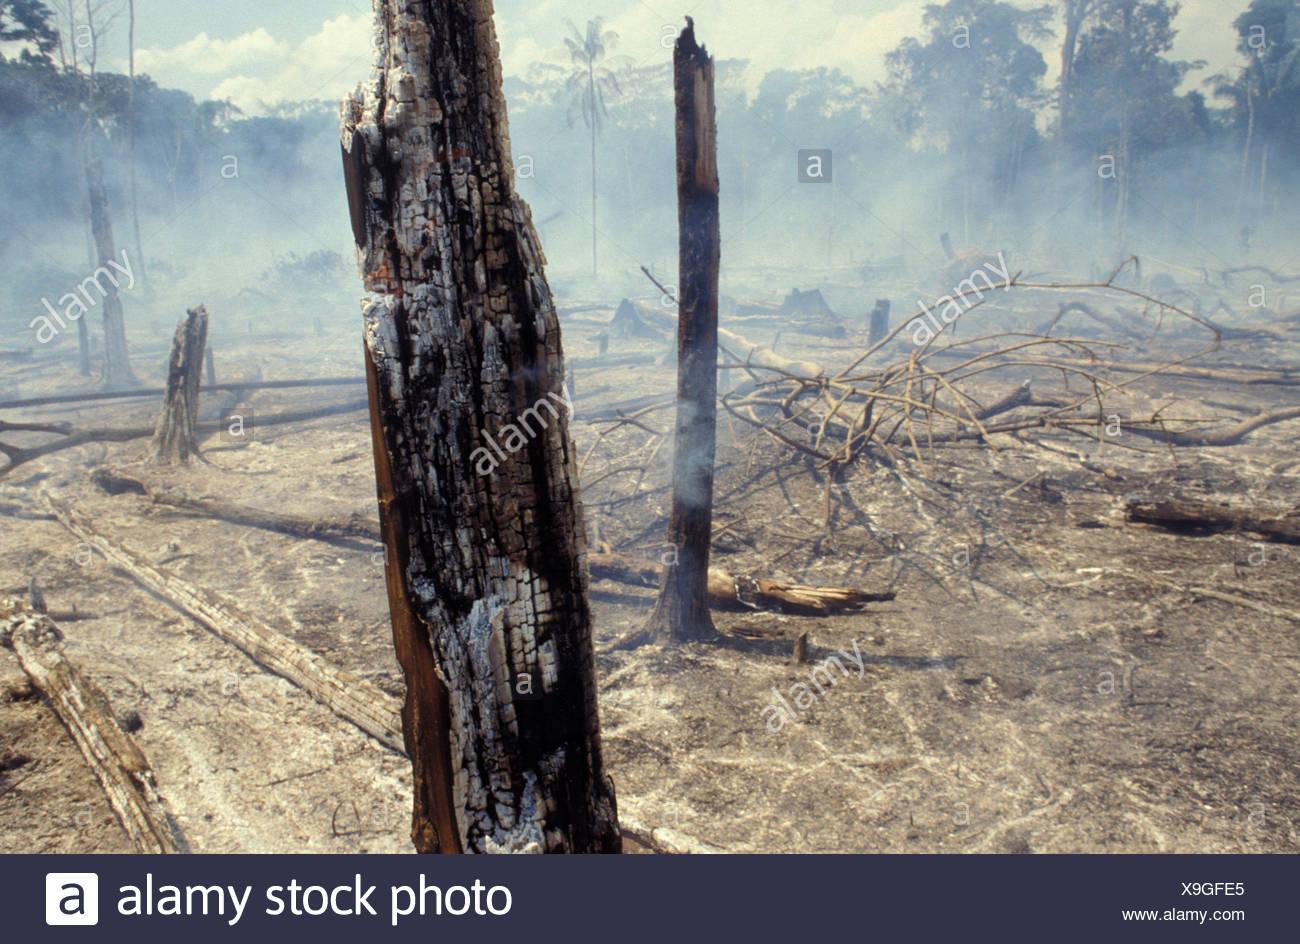 La quema de los bosques amazónicos. La deforestación. Brasil. Árboles quemados, el desequilibrio ecológico, el desbroce de tierras. Imagen De Stock